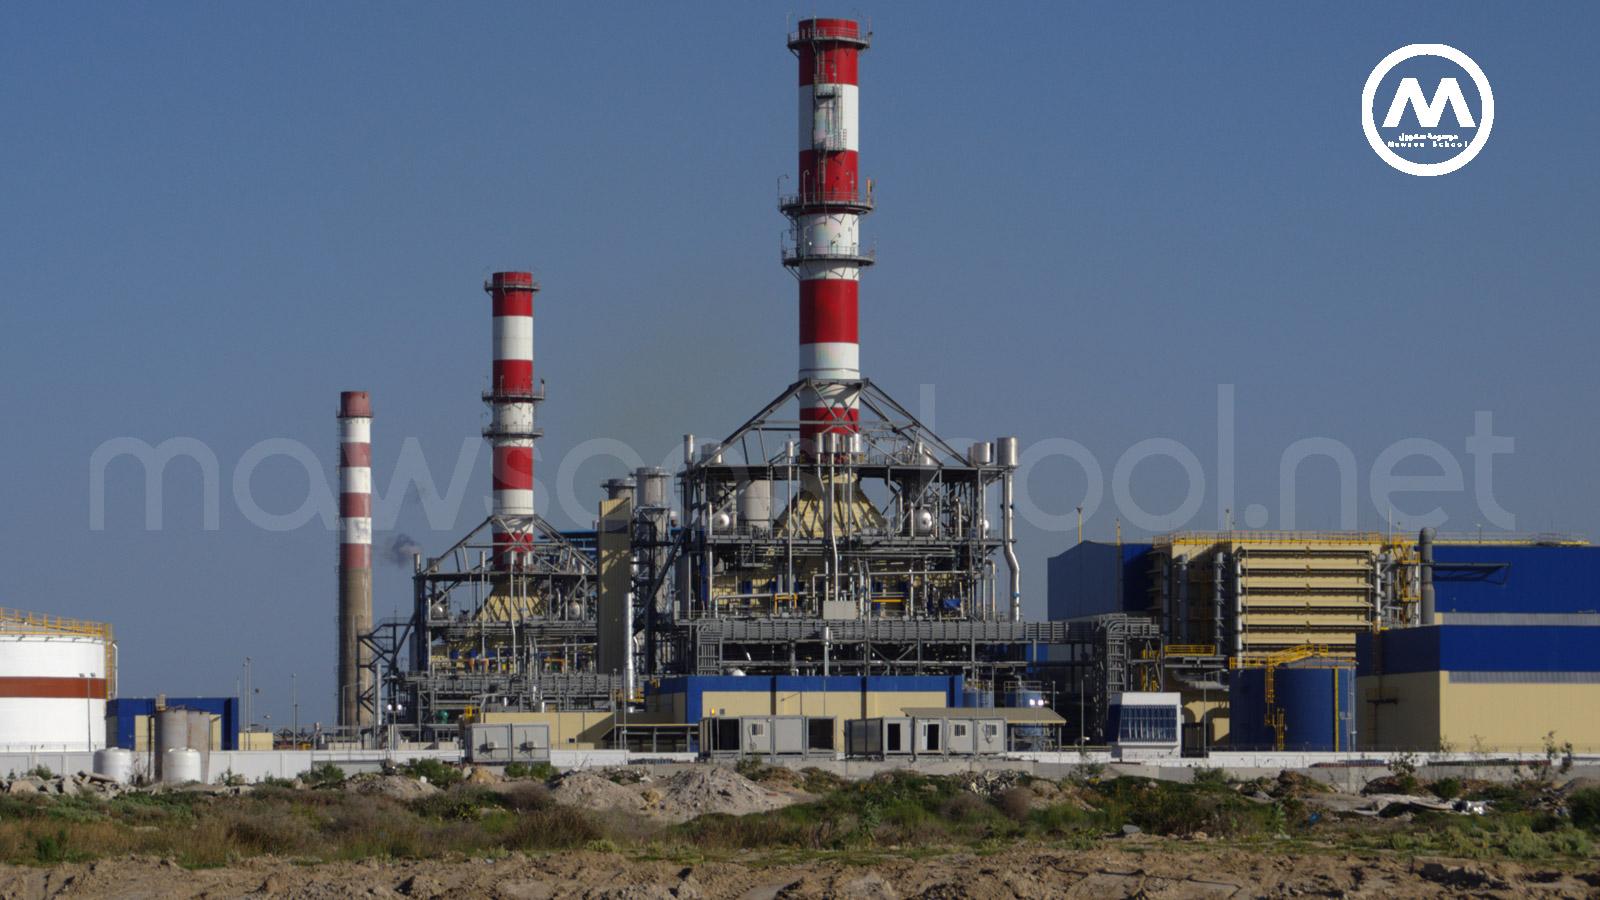 المجال الصناعي بالبلاد التونسية – جغرافيا - الثالثة آداب واقتصاد وتصرف